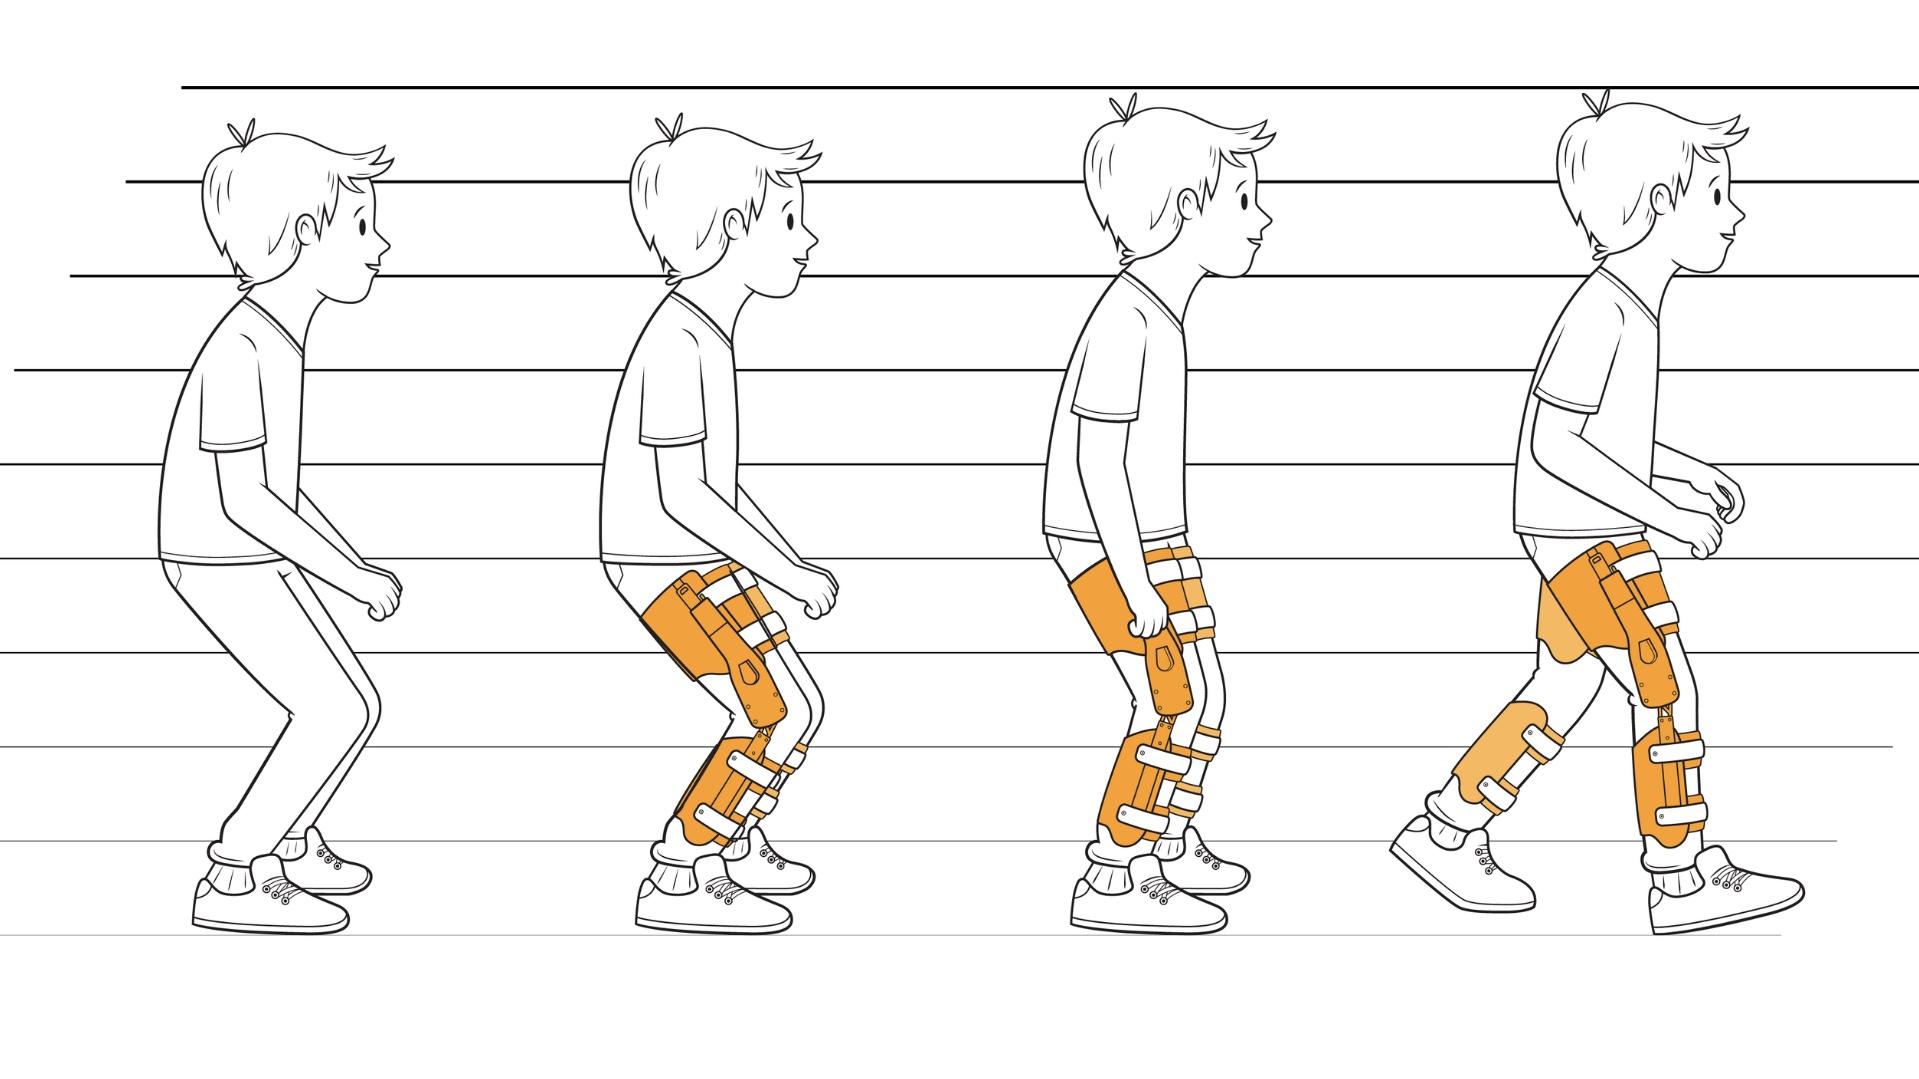 Классификация паттернов ходьбы у детей с ДЦП